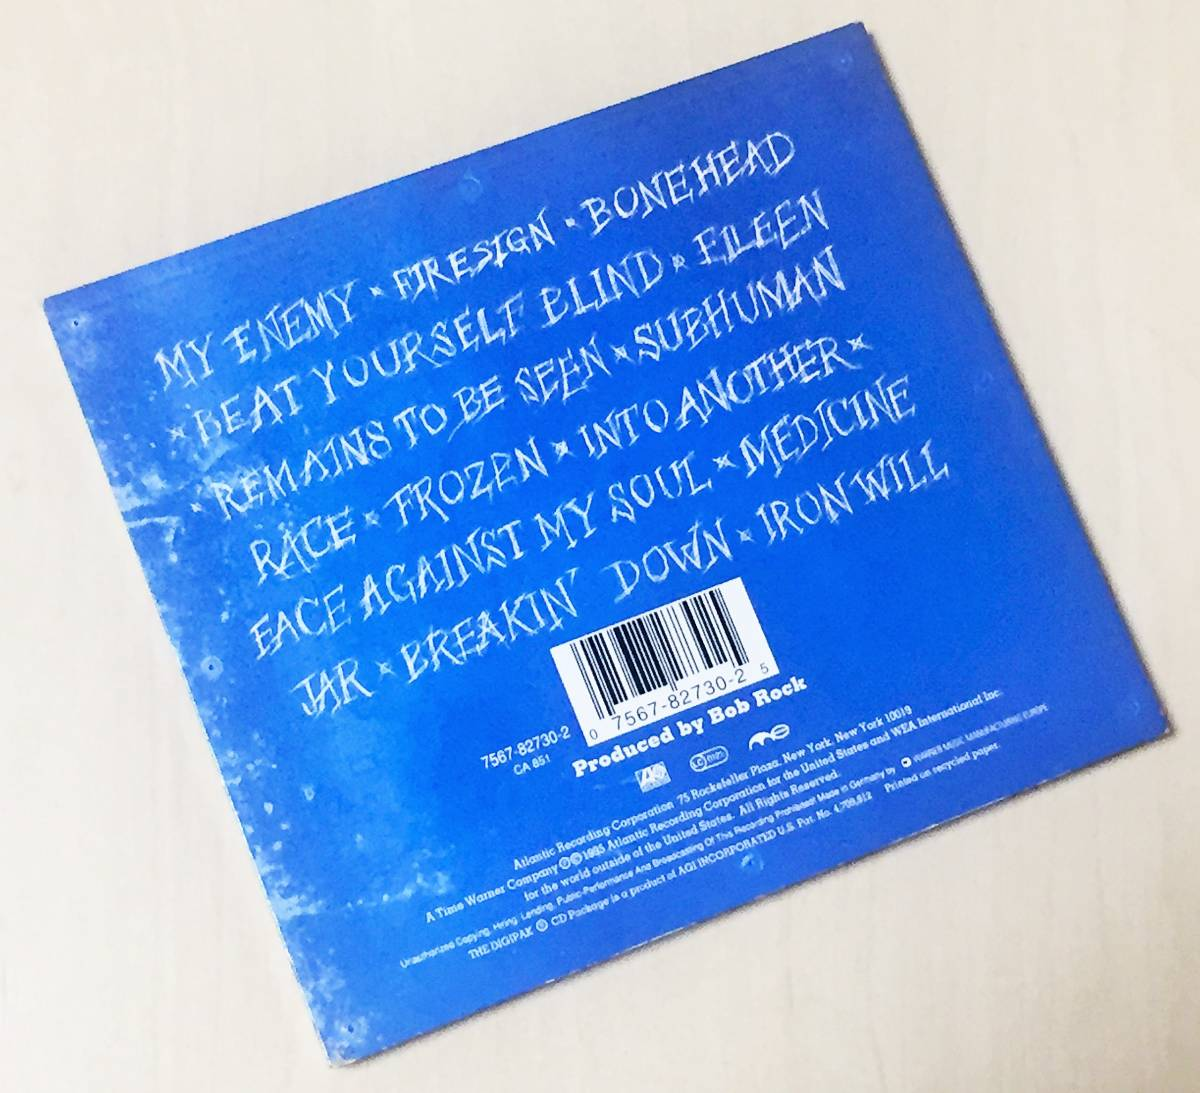 スキッド・ロウの1995年発売のインポートCD 「サブヒューマン・レース」 13曲入りのデジパック仕様 西ドイツ盤です。_画像3